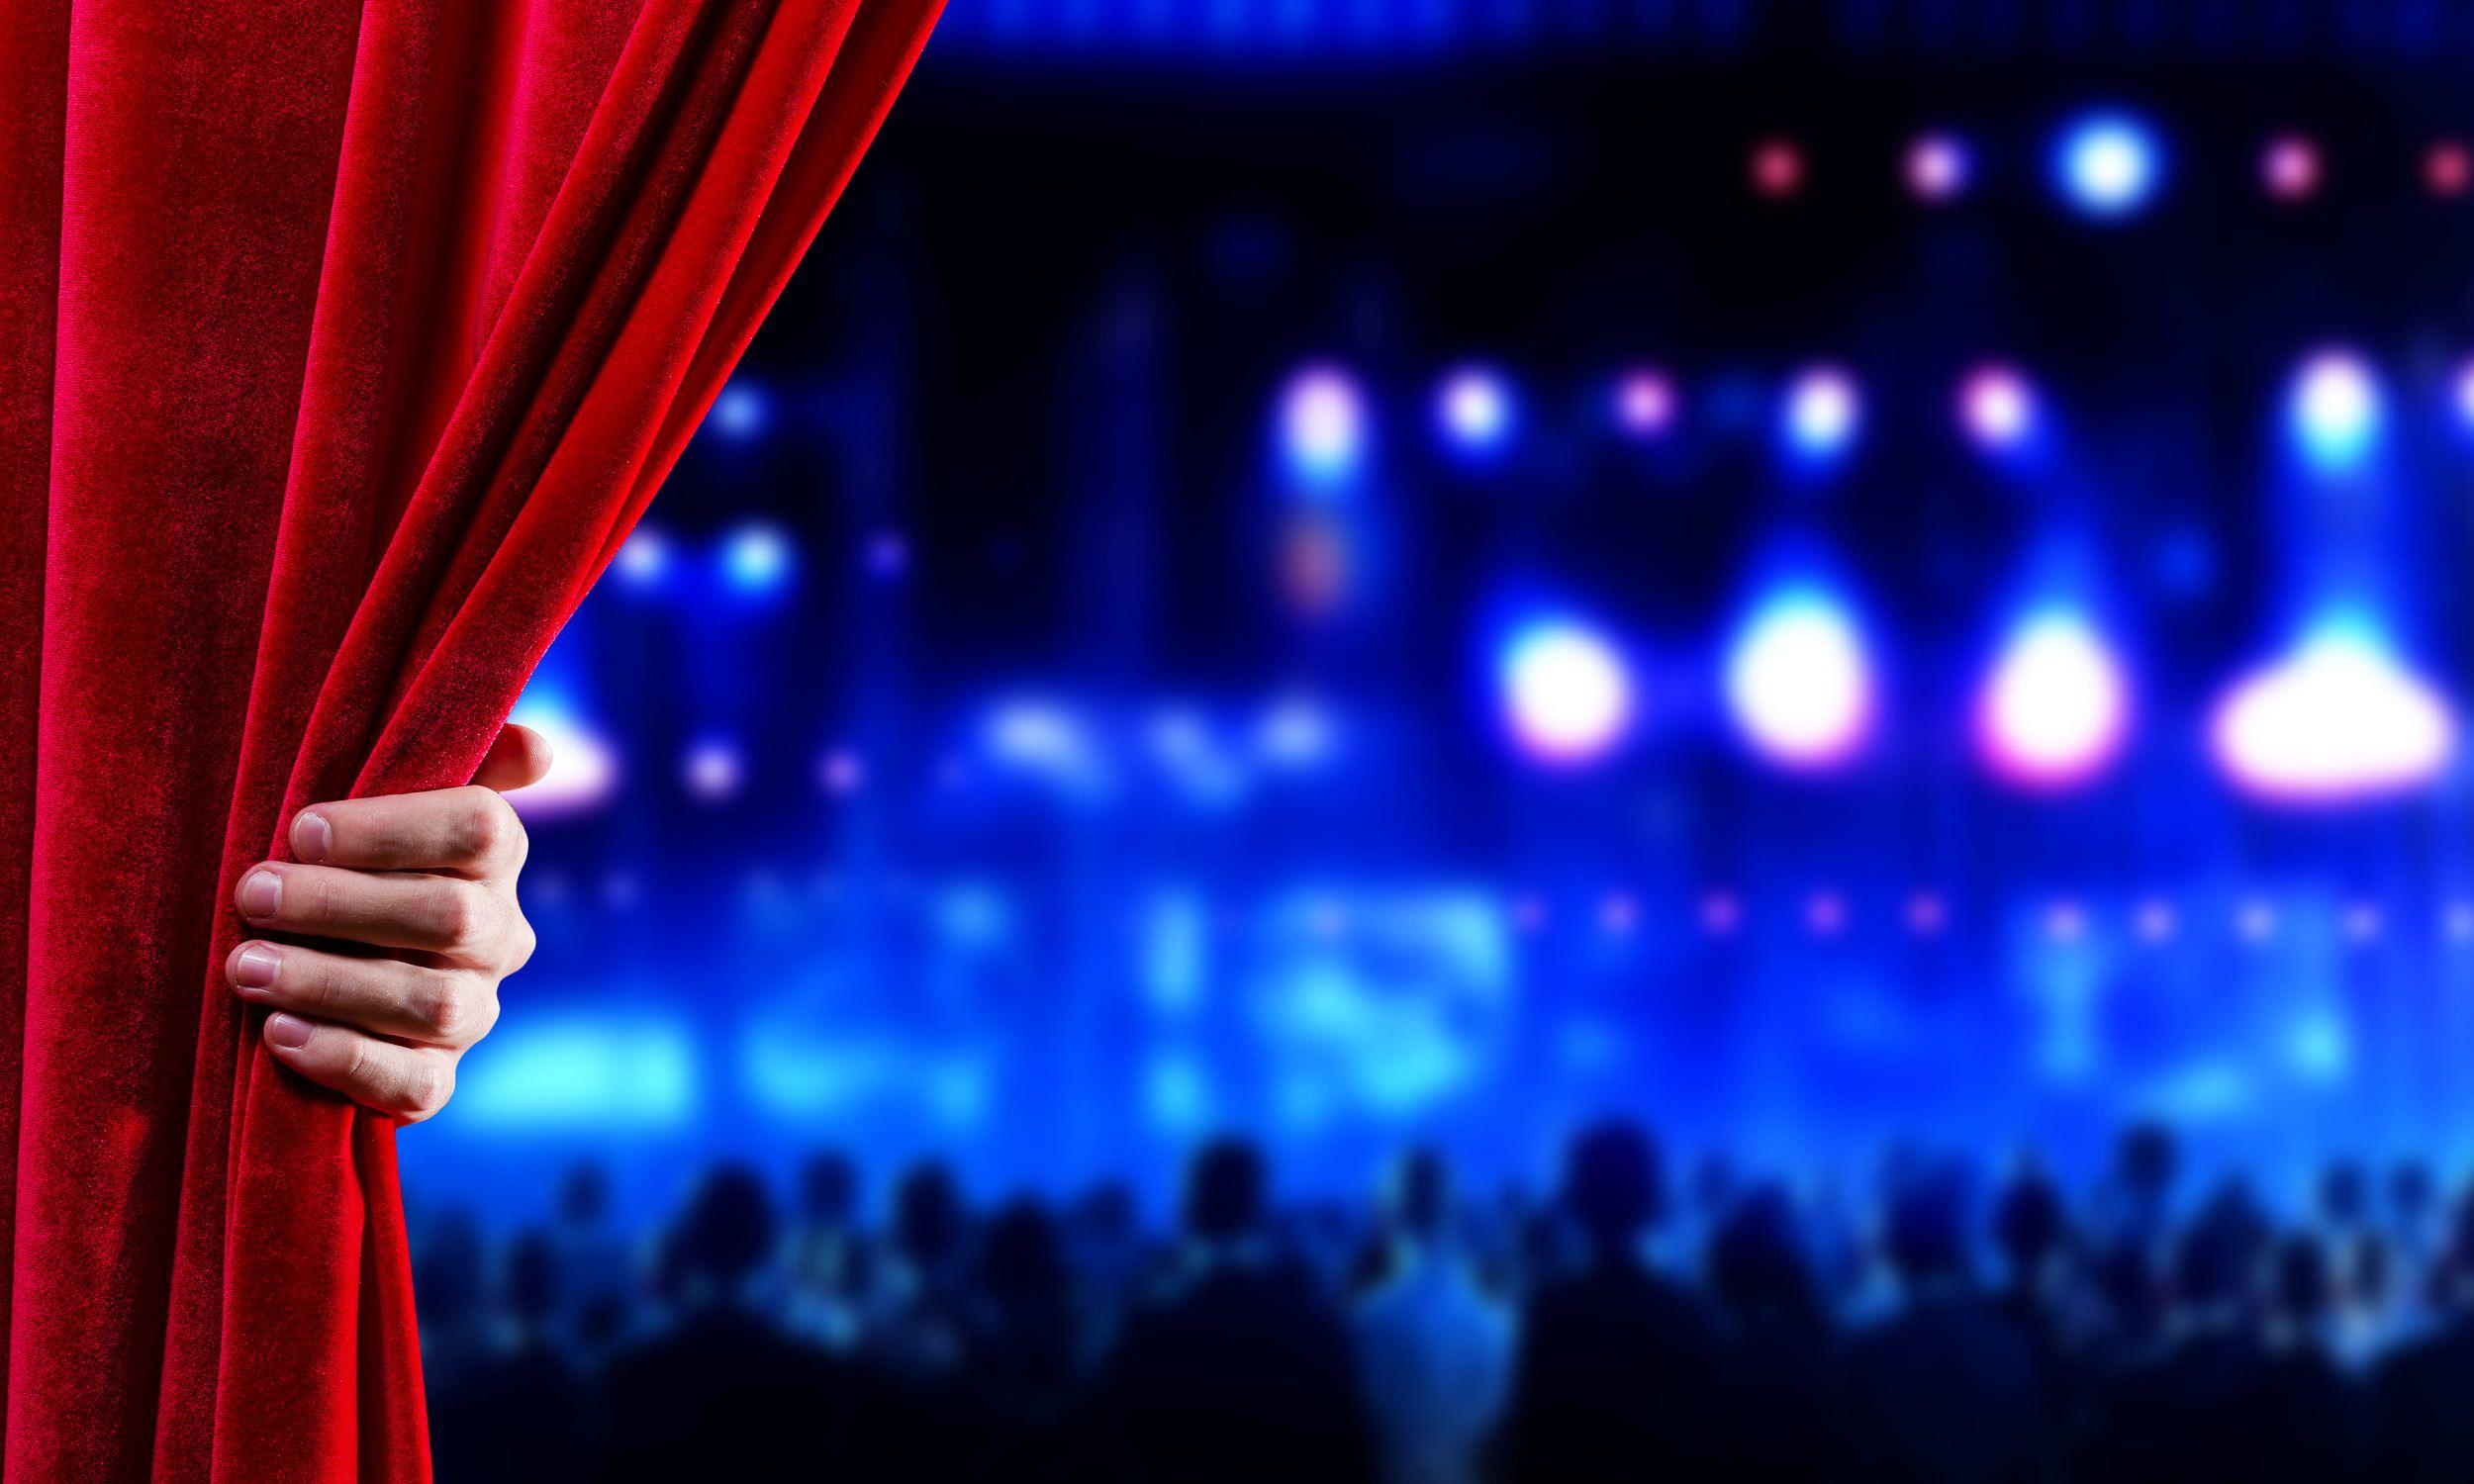 Тверская областная филармония покажет лучшие концерты онлайн